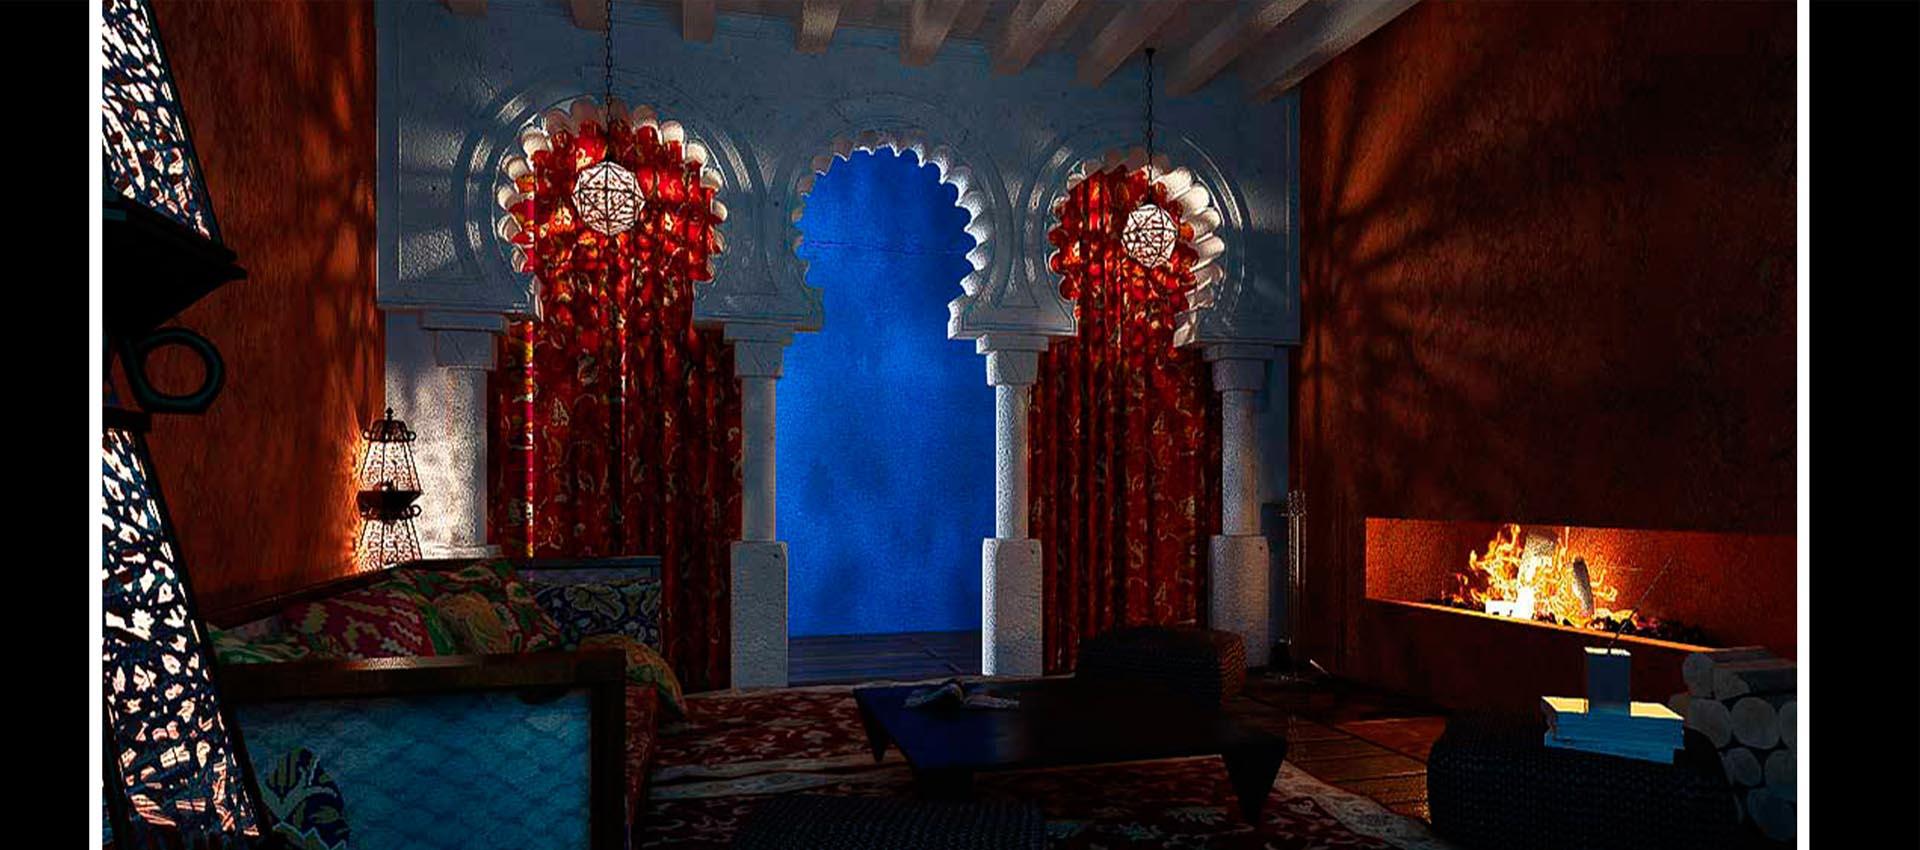 Интерьер дома... с Марокко началось